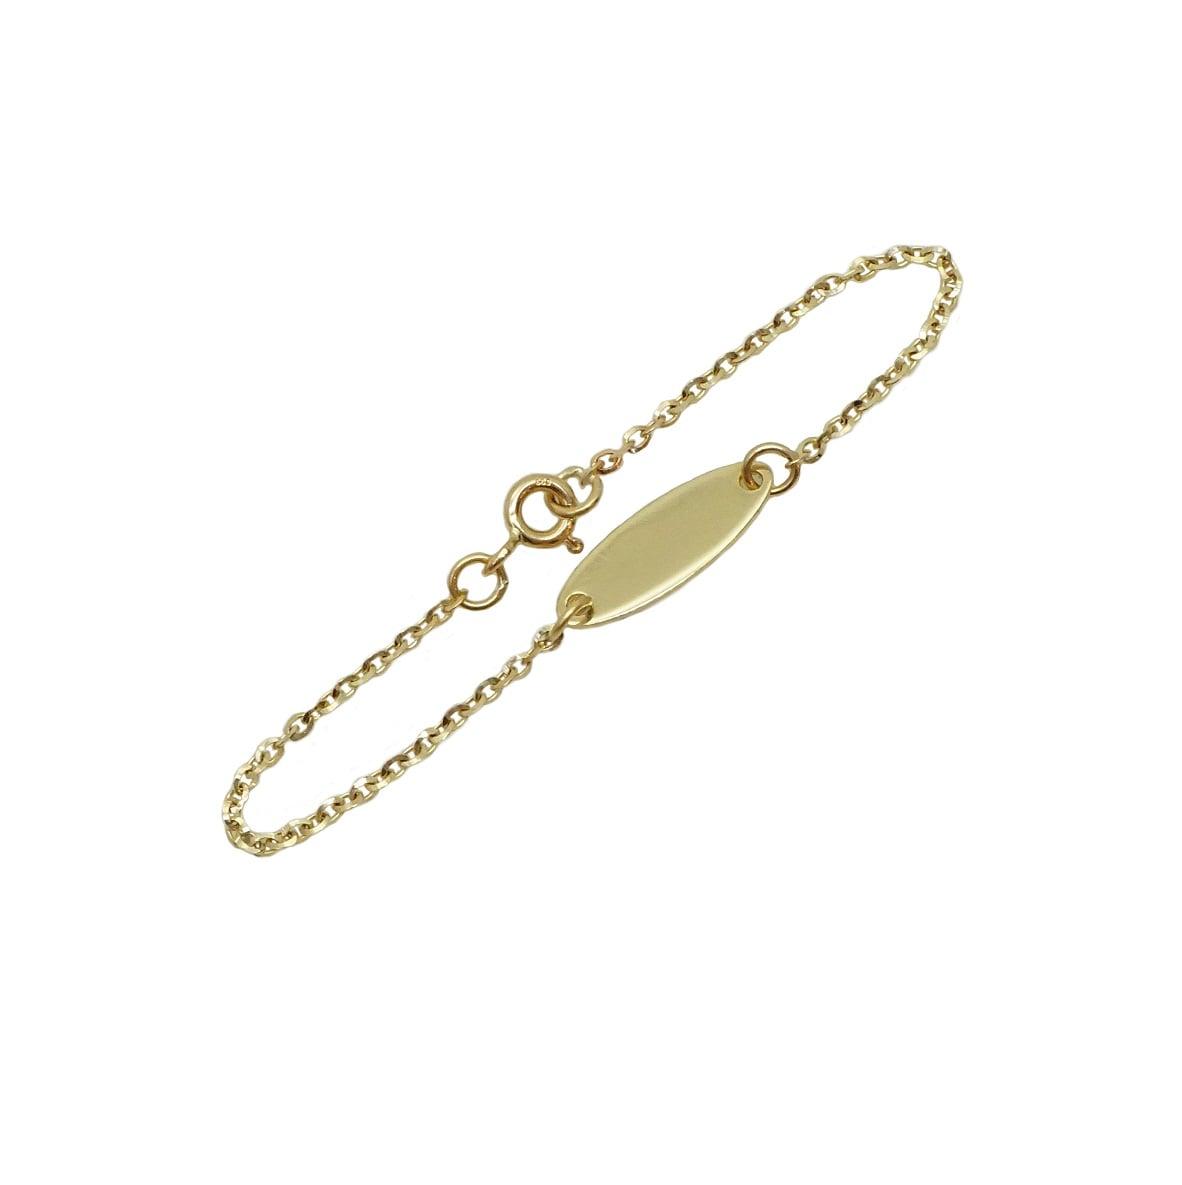 צמיד זהב עם חריטה לתינוקות |חריטת שם על צמיד| צמיד לתינוק| צמיד לתינוקת| צמיד שם לתינוקות |